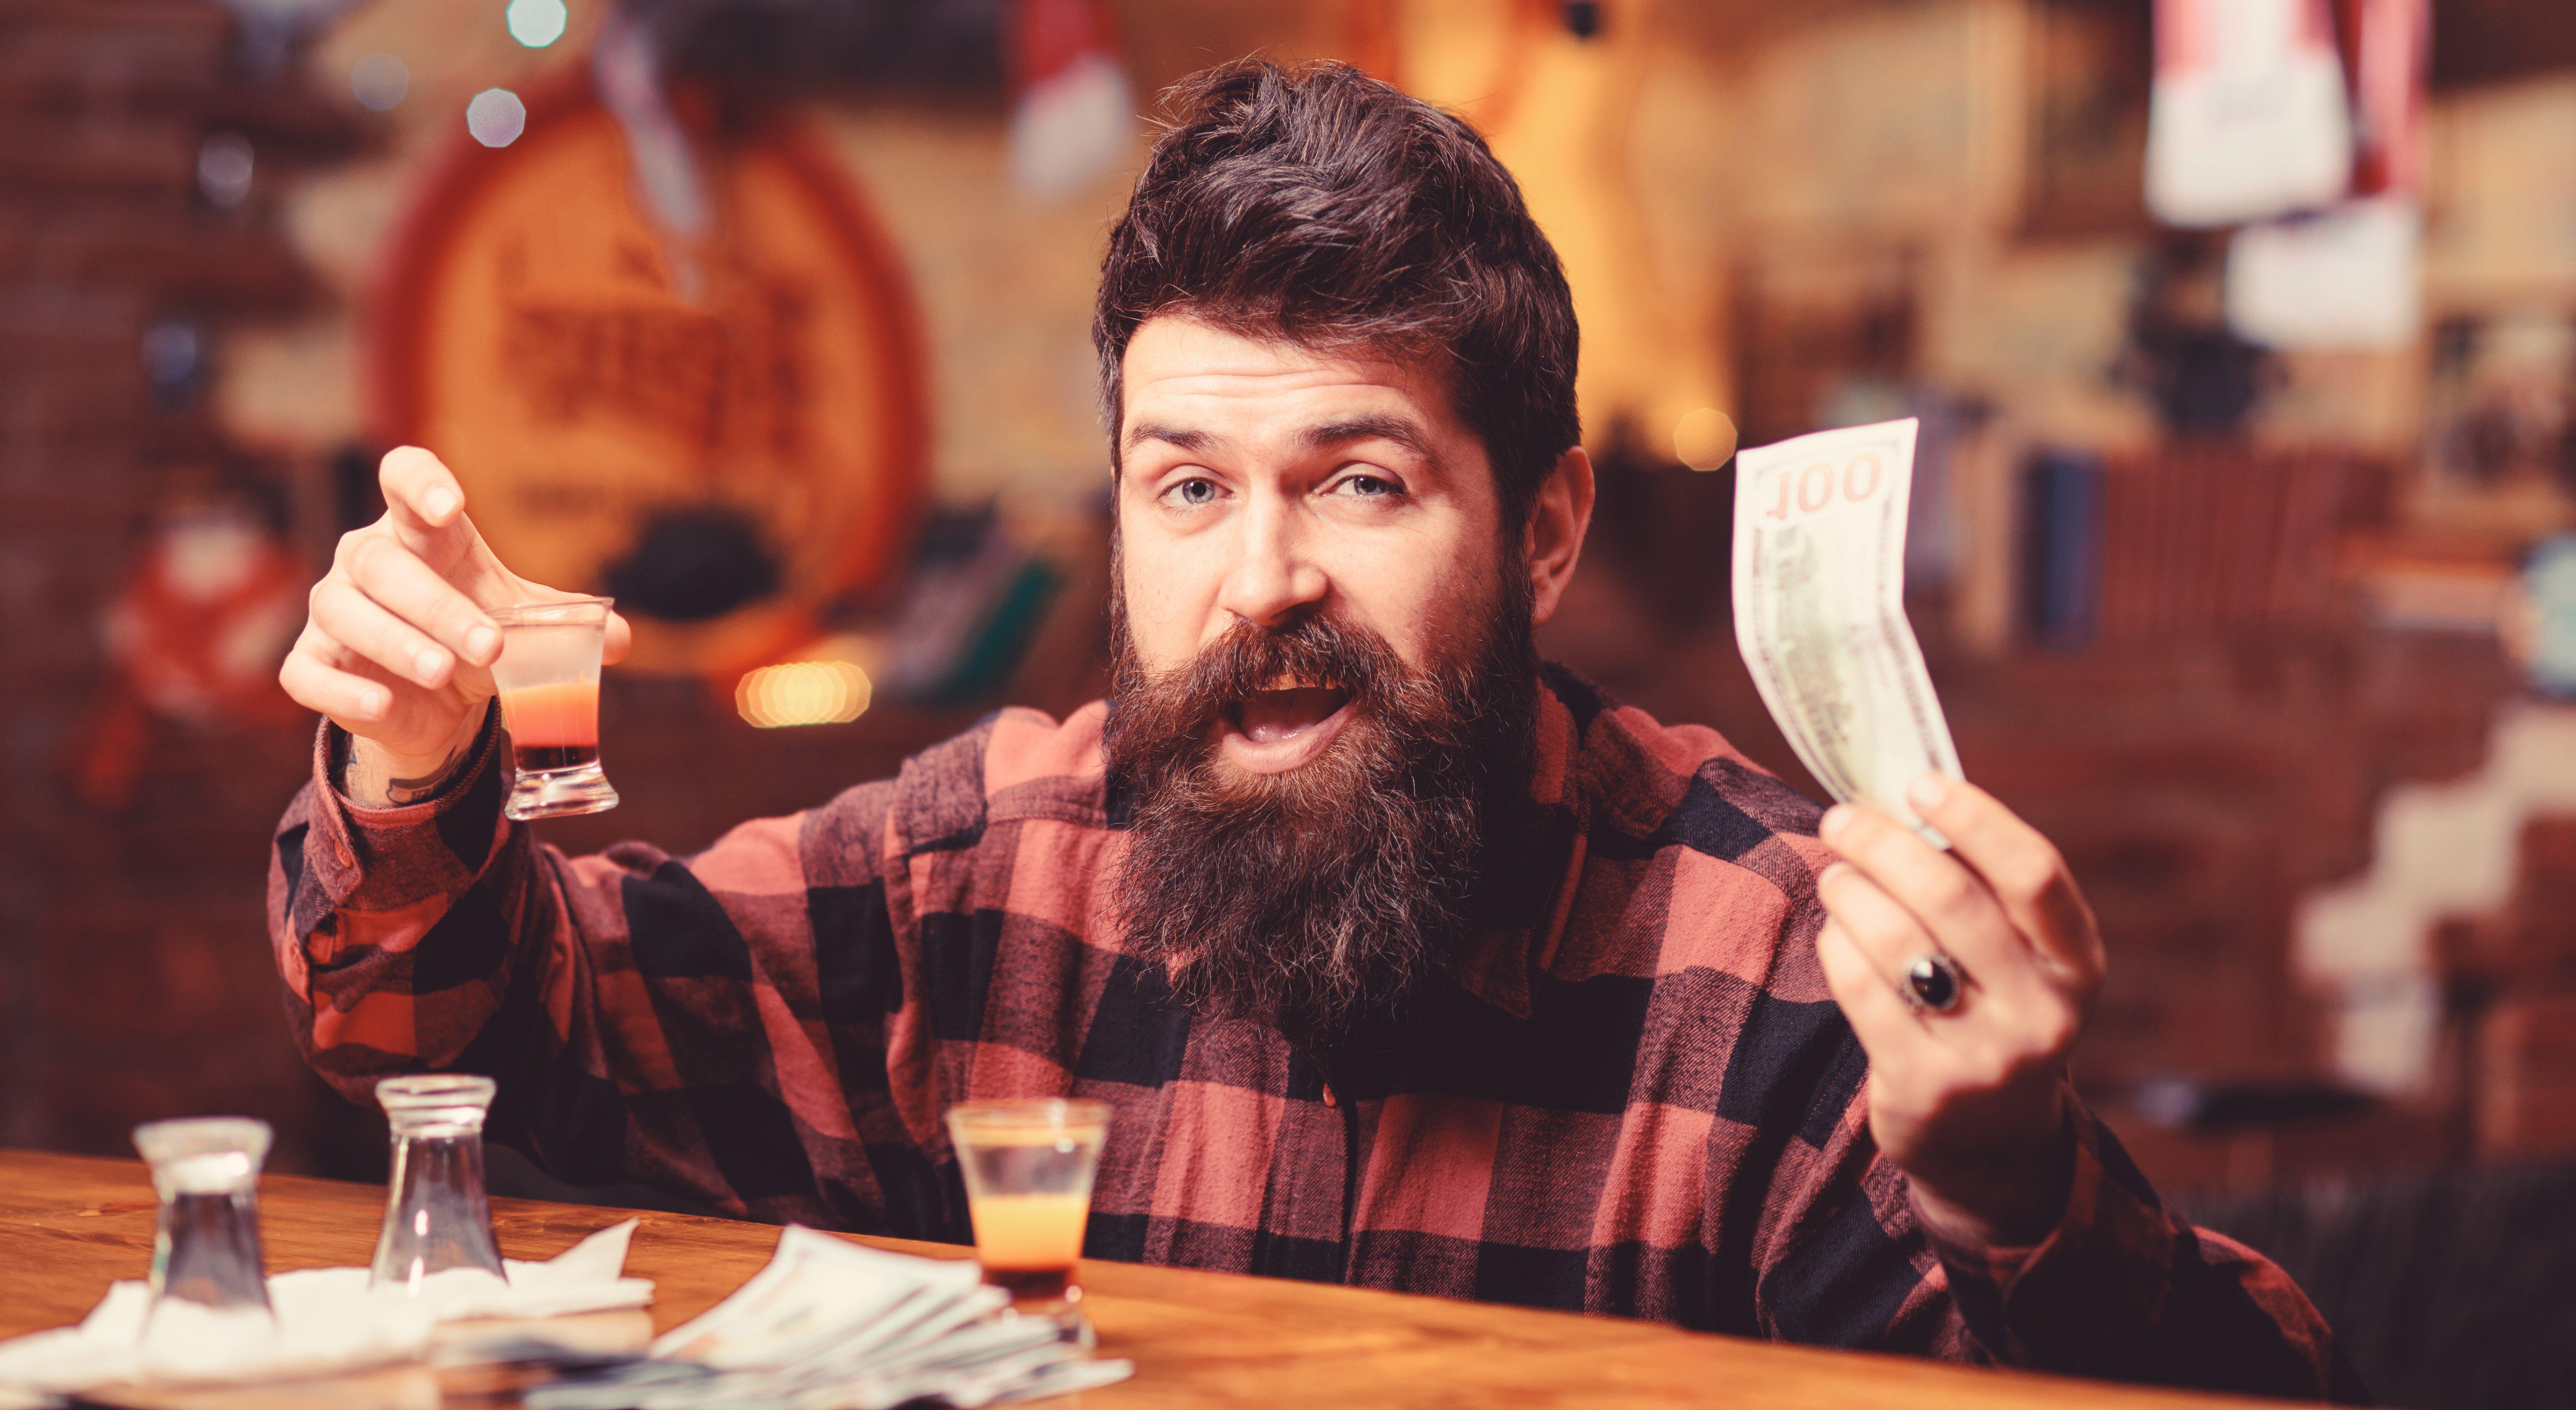 Drunk man at bar. Image credit: Pixabay